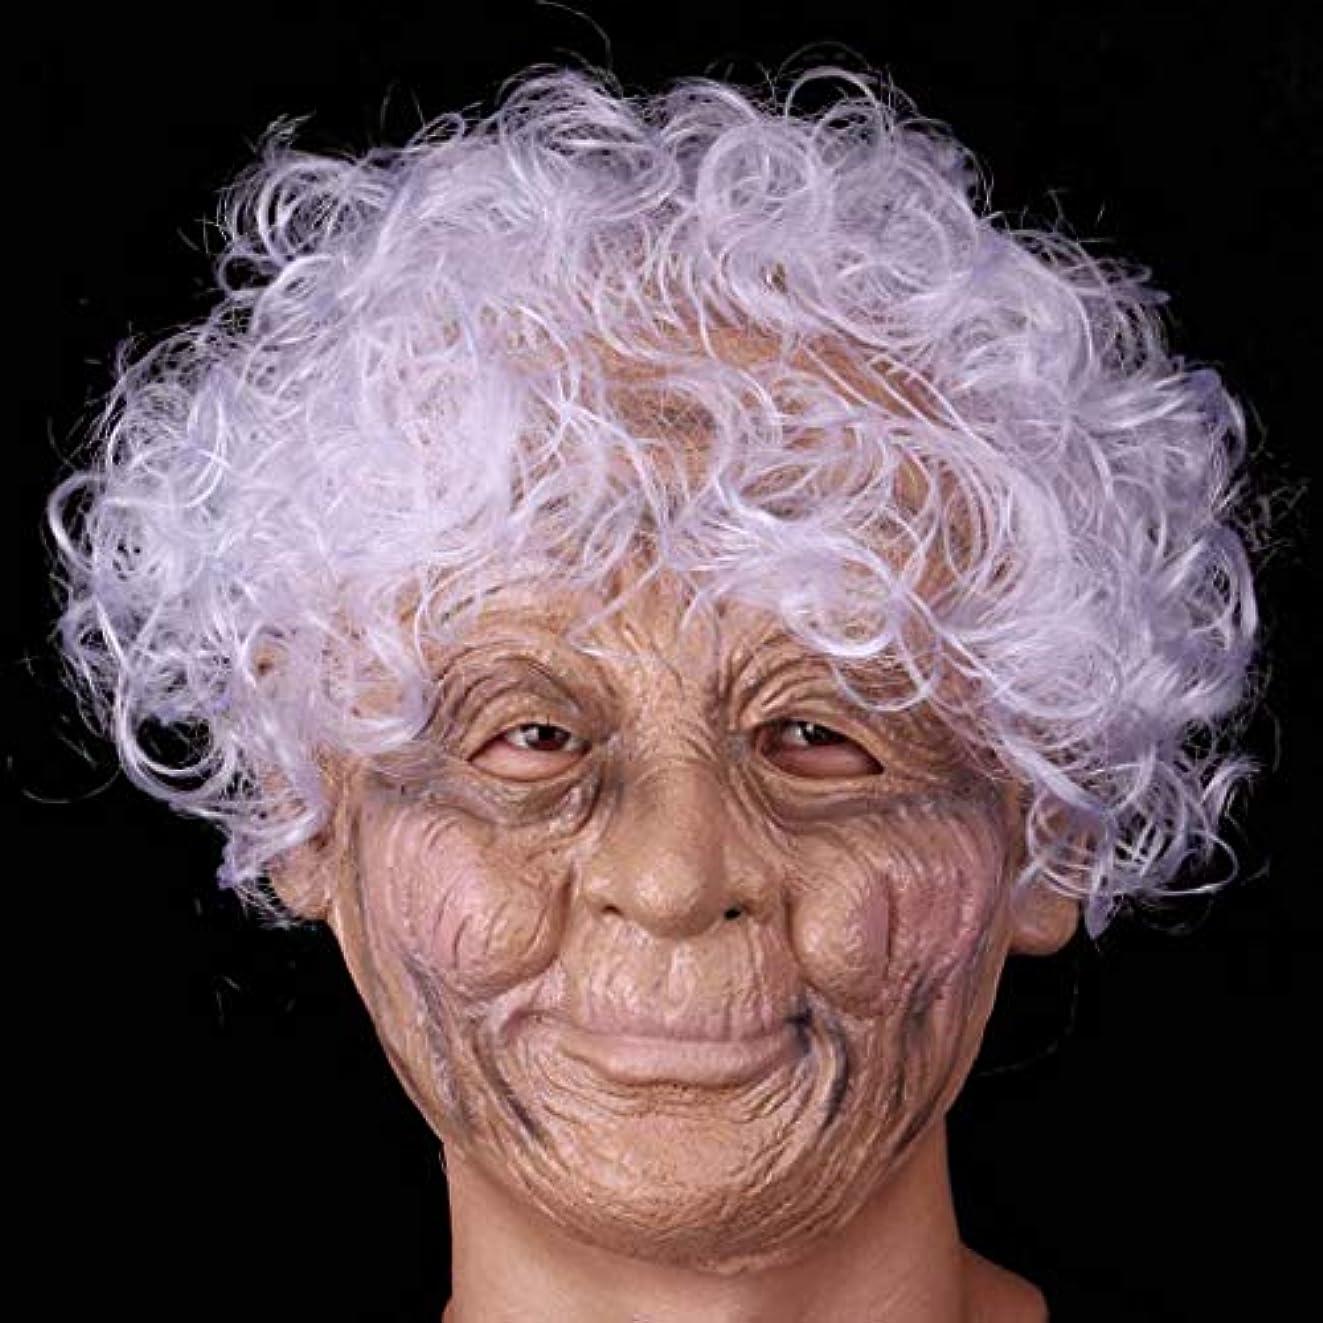 勝つ騒ぎポケットハロウィンラテックスフルフェイスマスクしわ魔女マスクおばあちゃんと白髪衣装プロップパーティーコスプレ